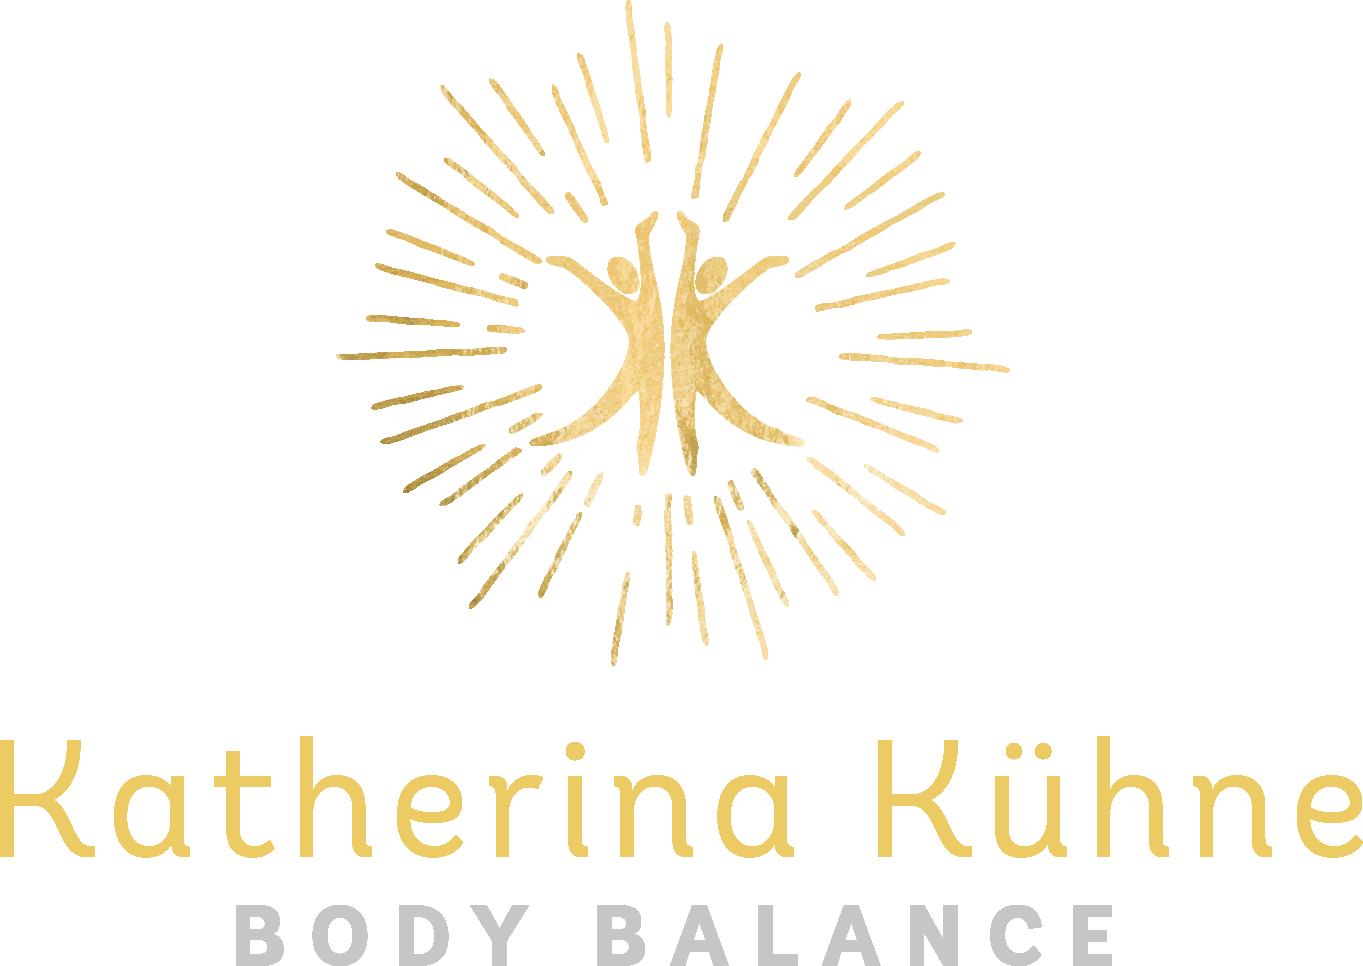 BODY BALANCE – Katherina Kühne